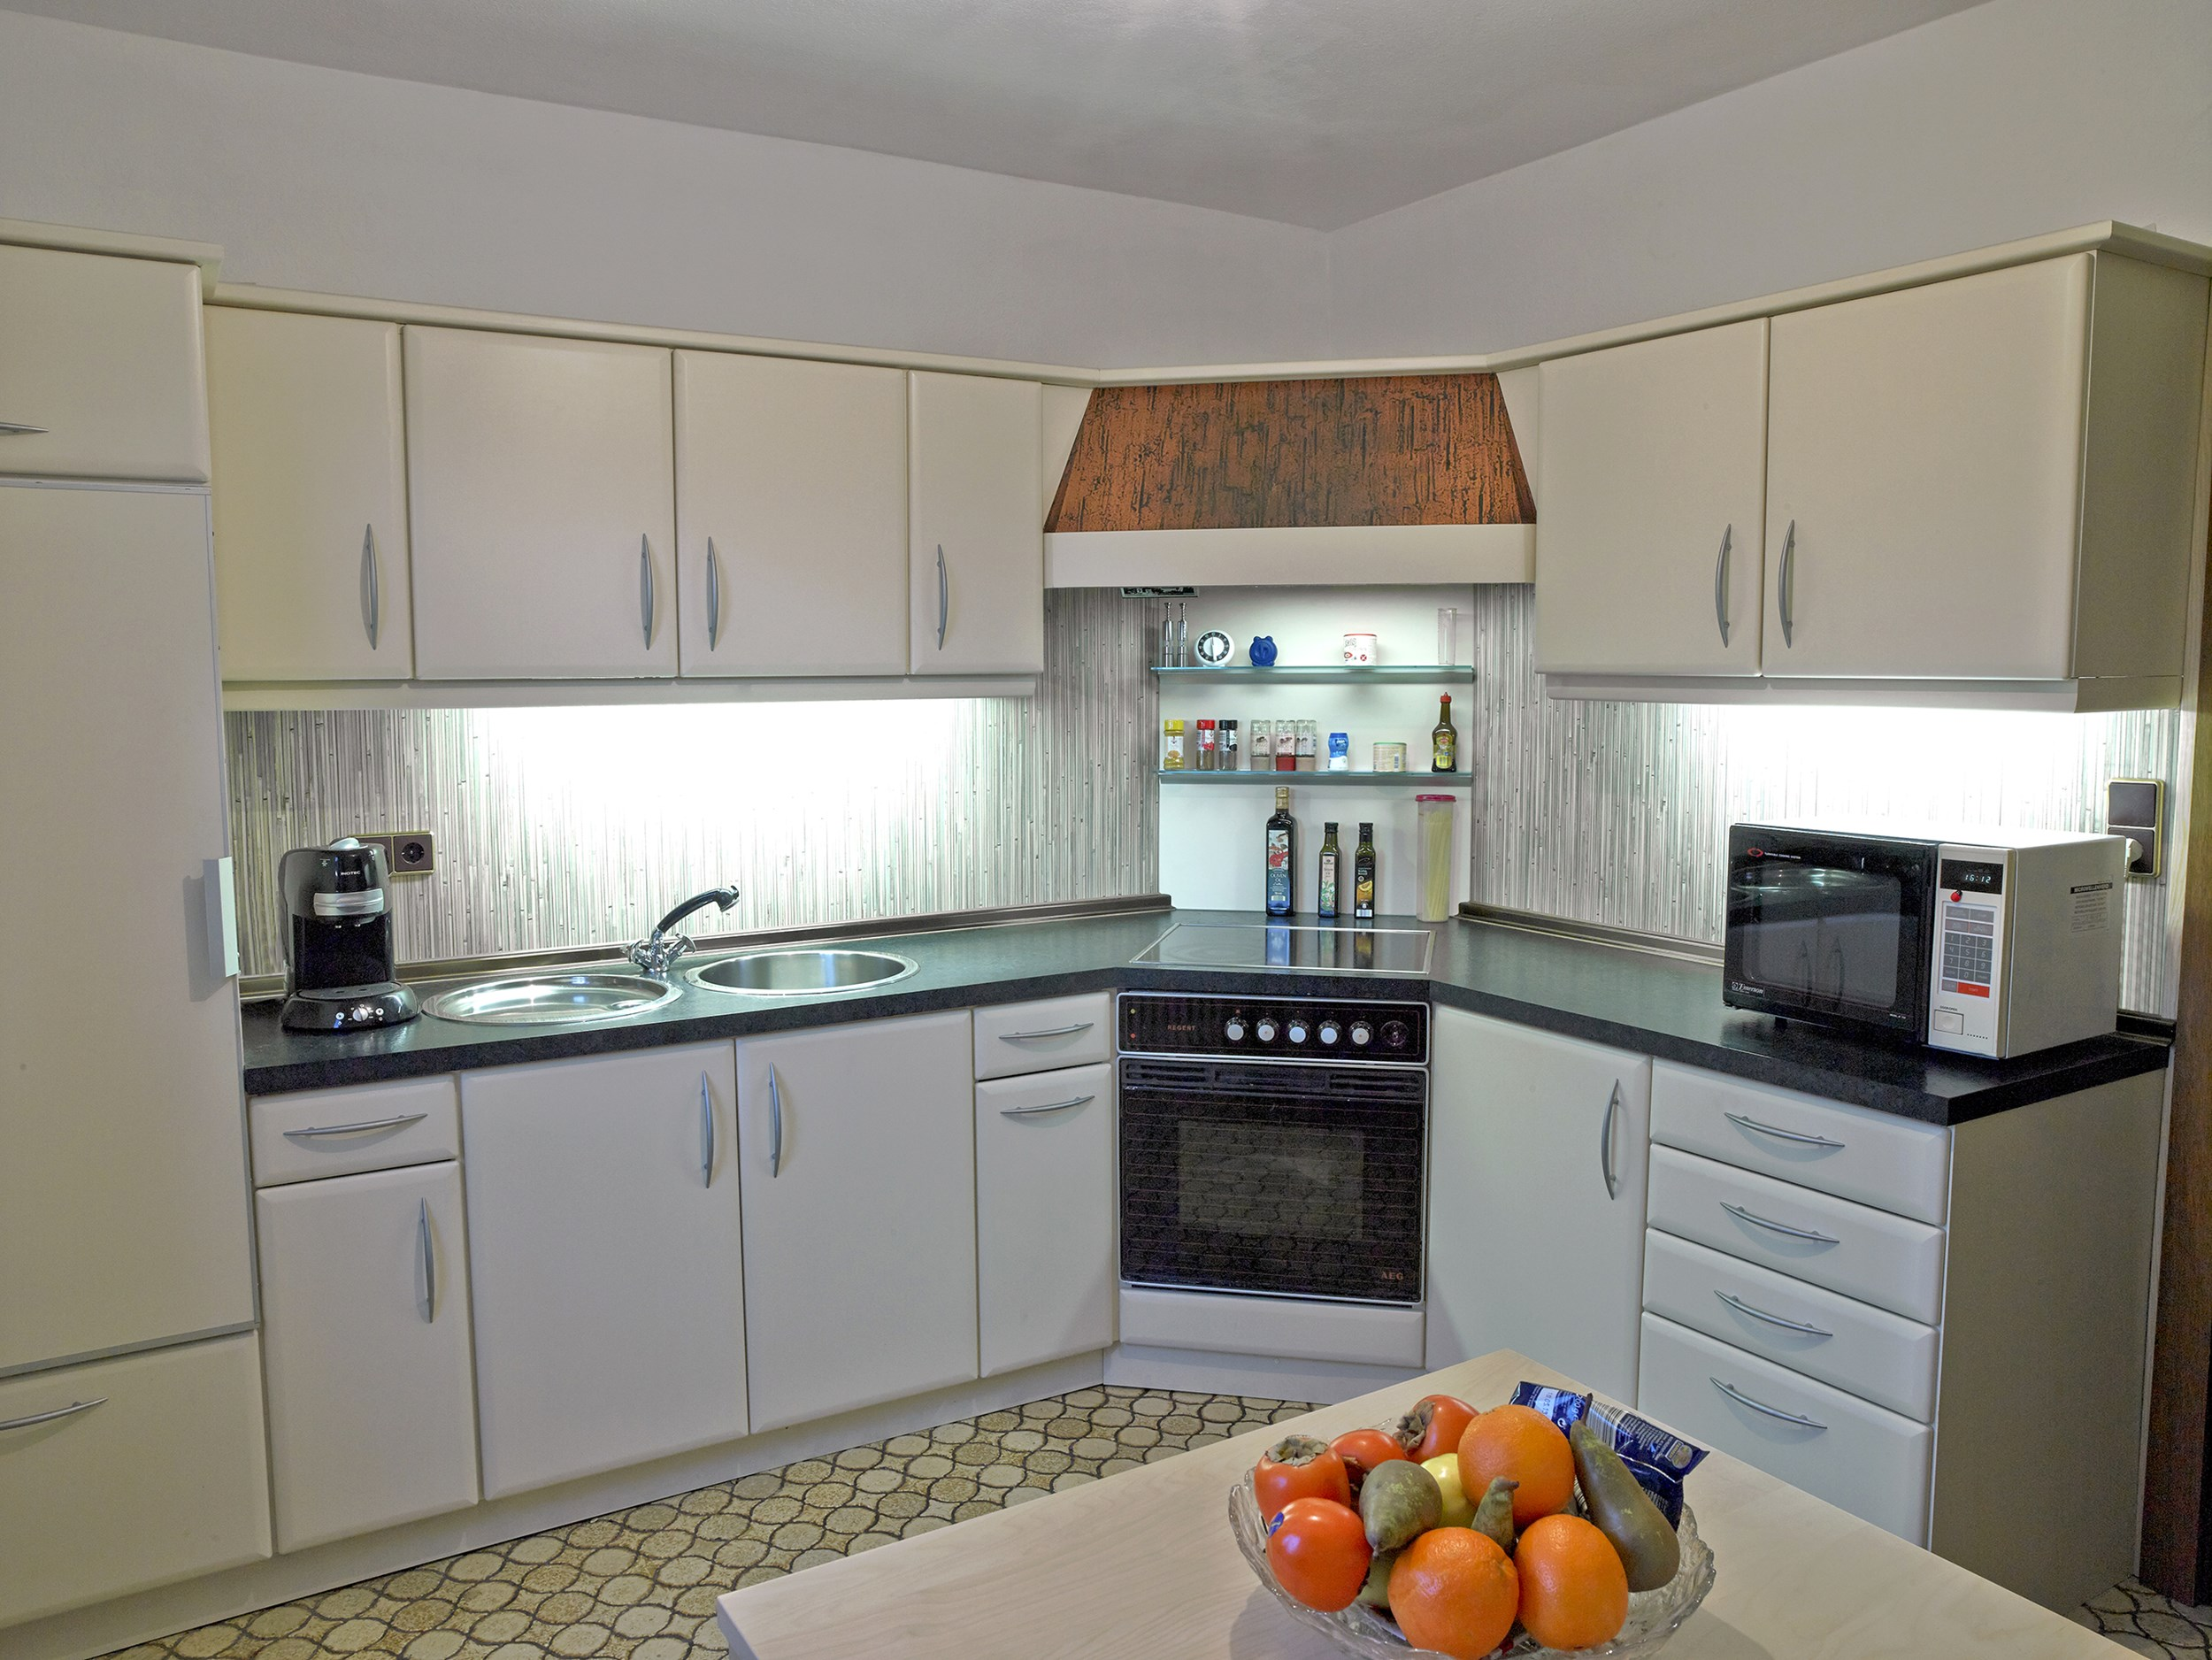 kundenbeispiele k chenrenovierung portas schweiz renovierung. Black Bedroom Furniture Sets. Home Design Ideas